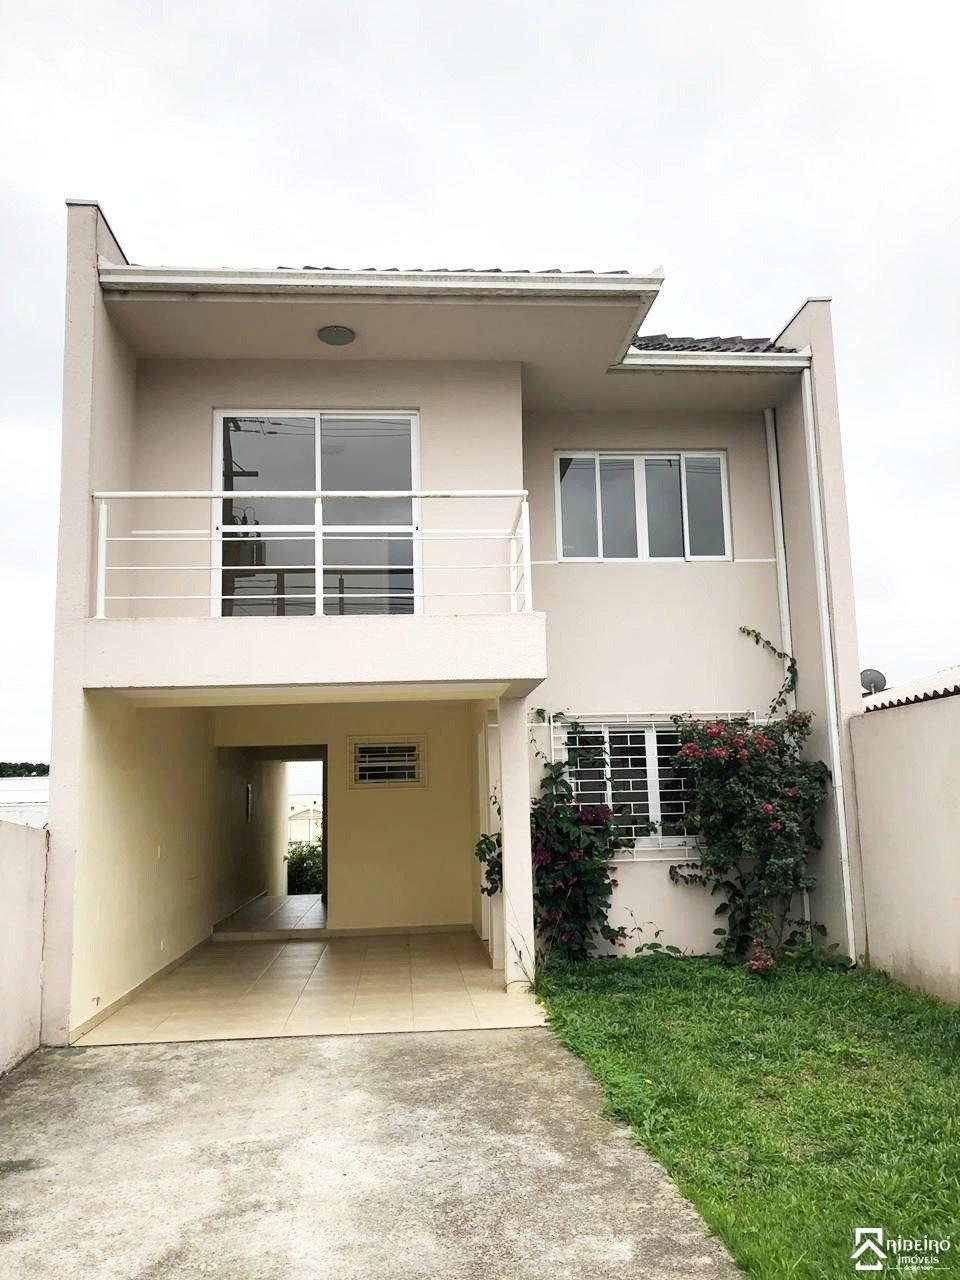 REF. 1830 -  São José Dos Pinhais - Rua  Almirante Alexandrino, 3190